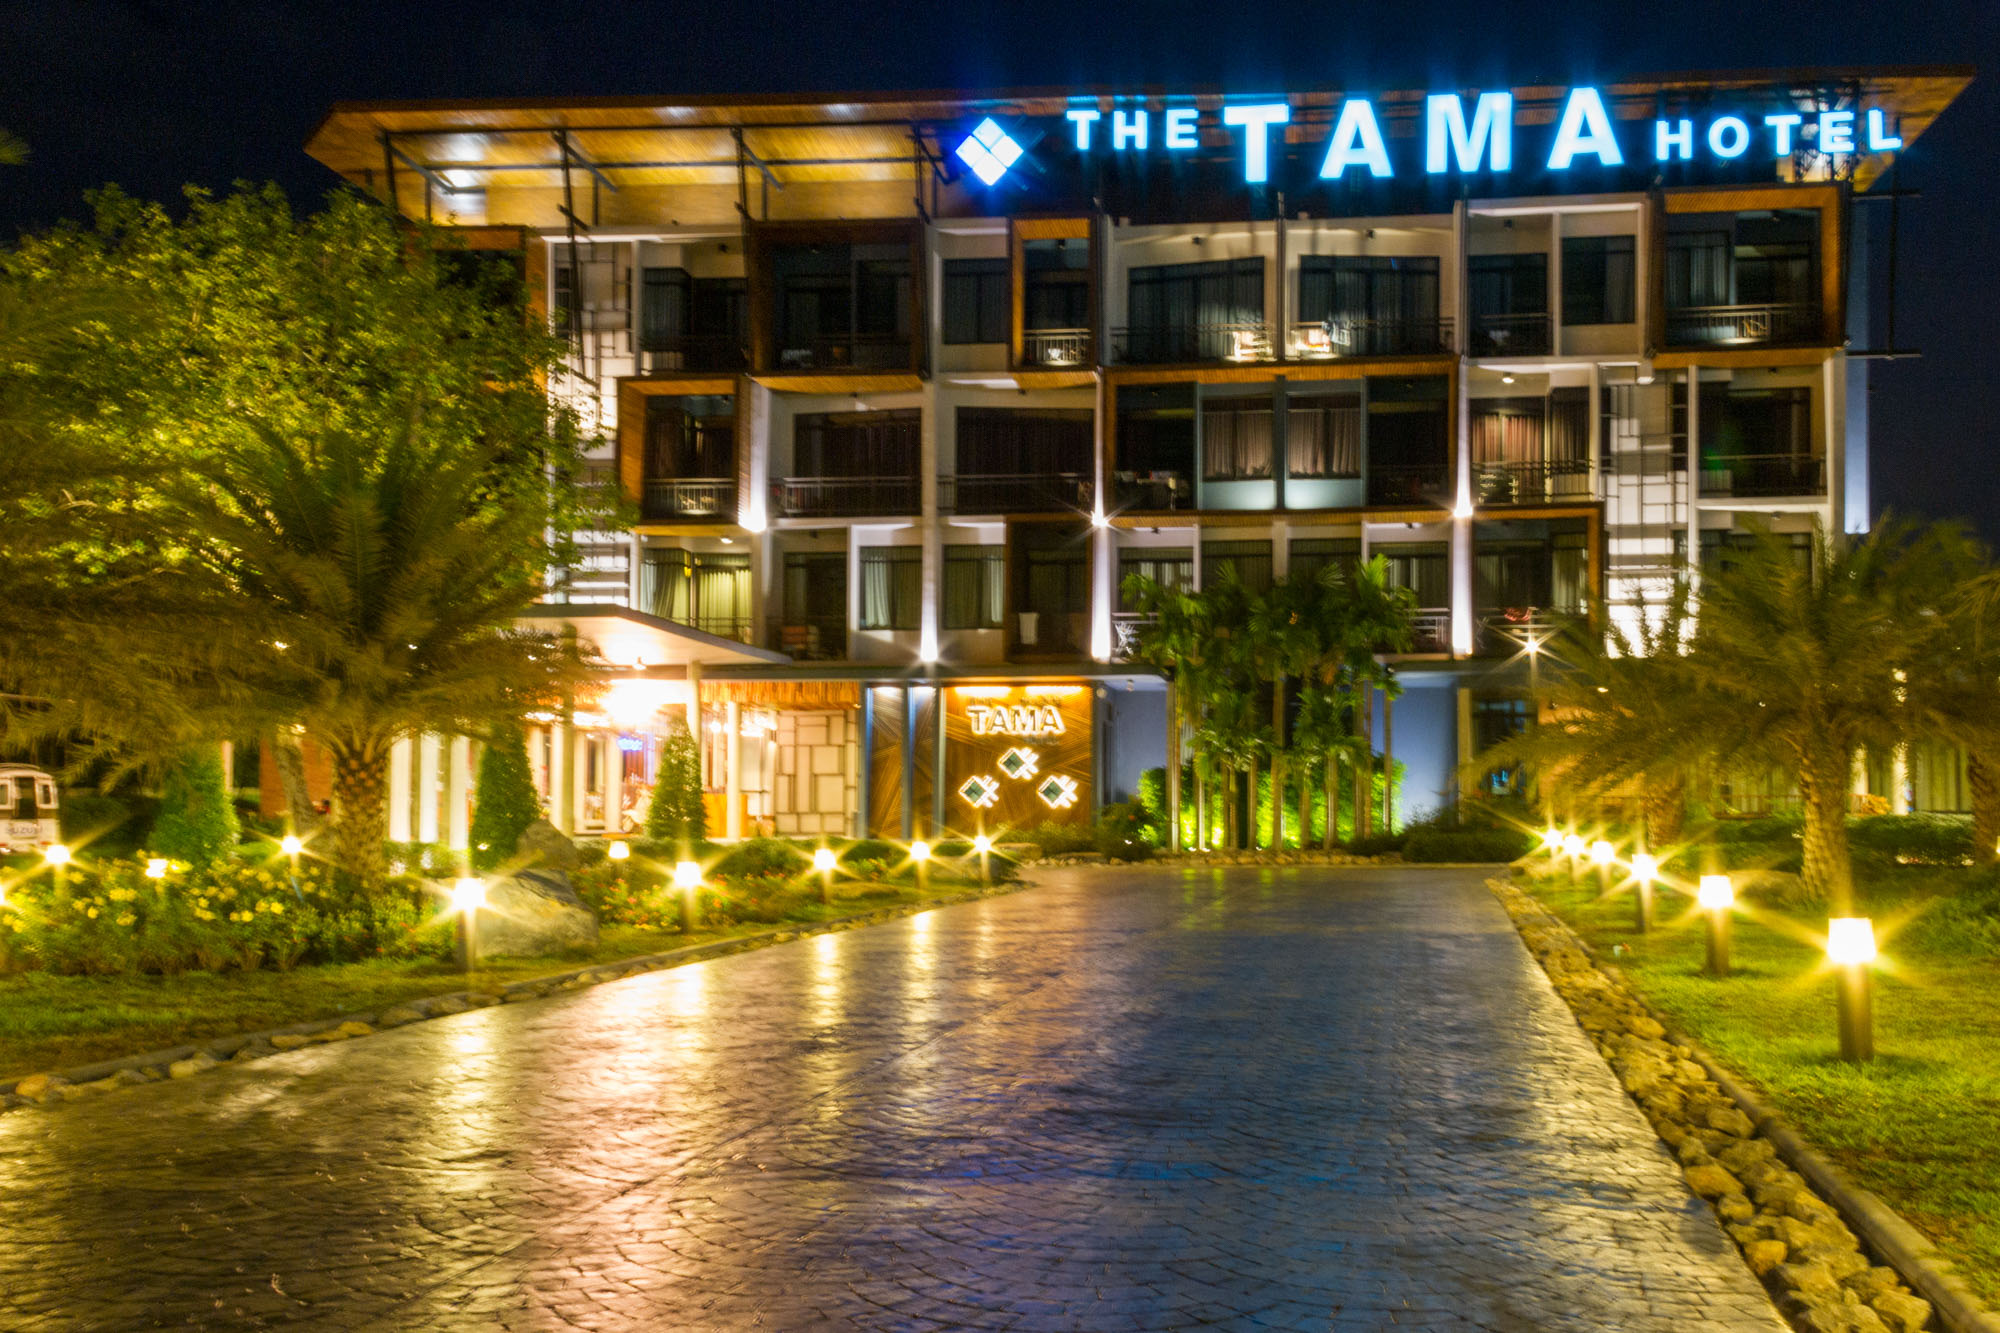 Tama Hotel Krabi เดอะ ตะมะ โฮเทล  Tama Hotel Krabi เดอะ ตะมะ โฮเทล อ่าวน้ำเมา กระบี่ IMG 0124